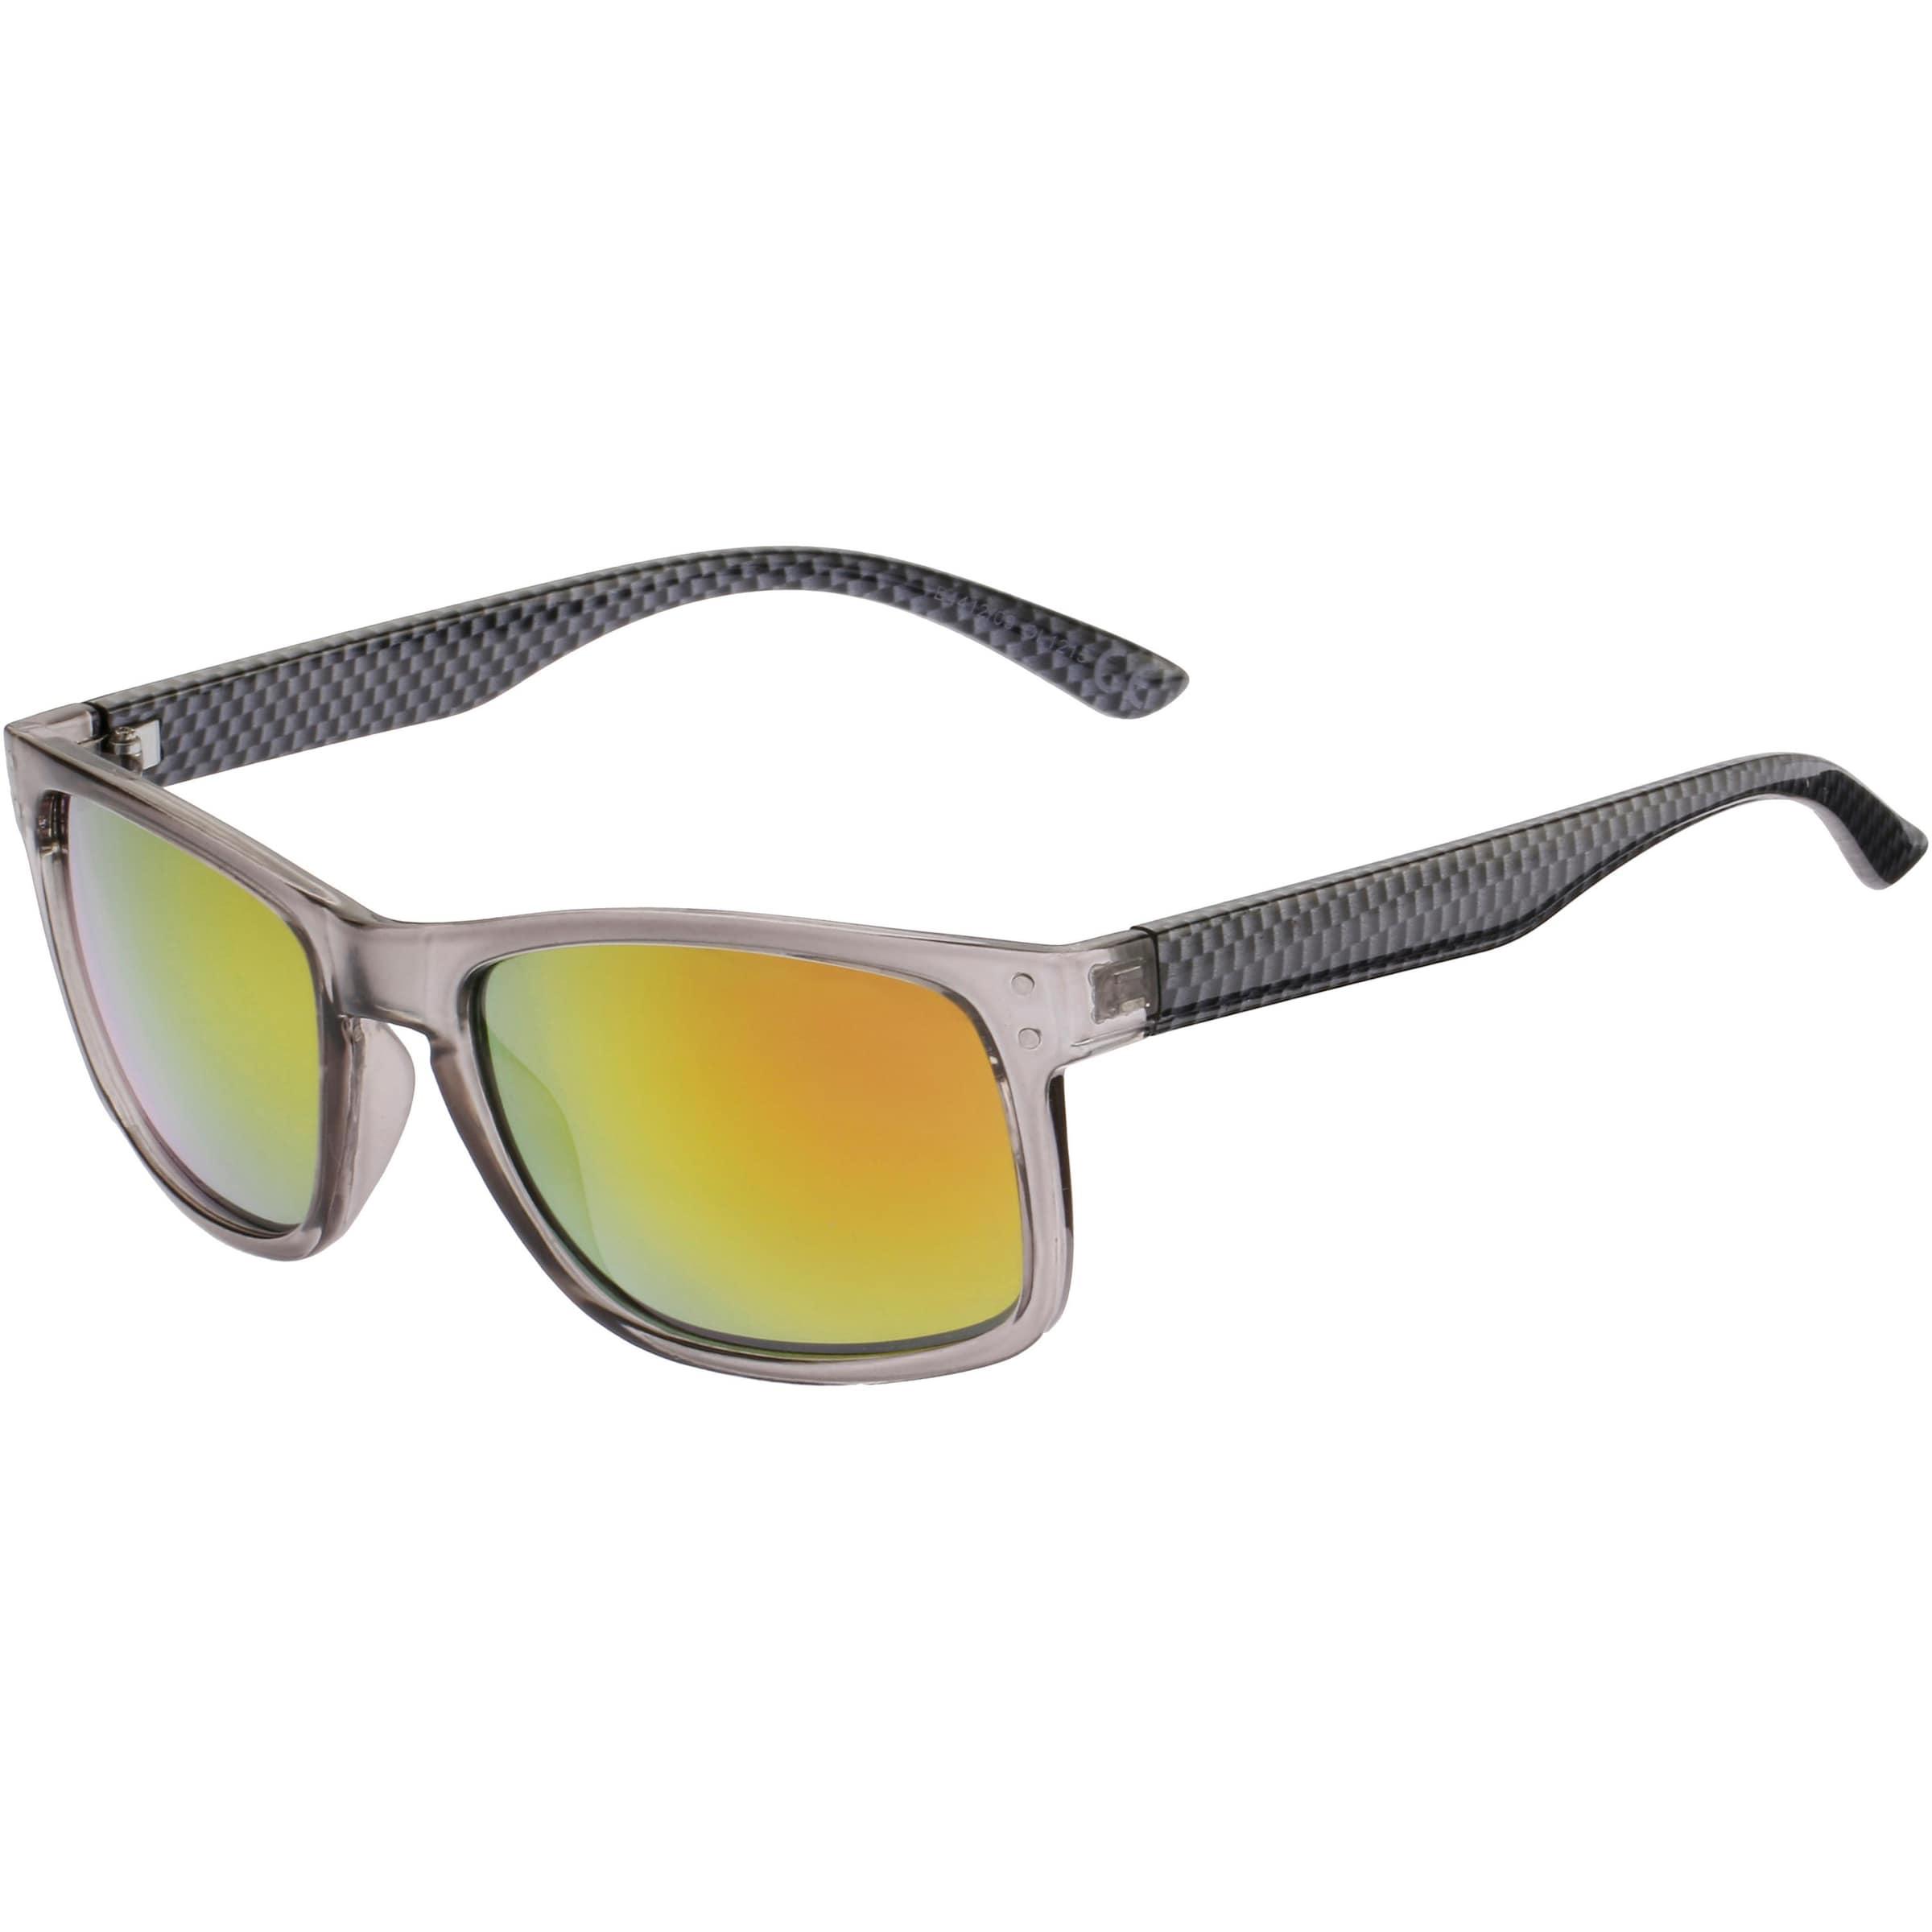 Professionel Perfekt MAUI WOWIE Sonnenbrille 'B4412/03' Brandneue Unisex Günstig Online Schnelle Lieferung Zu Verkaufen nhpWjDP